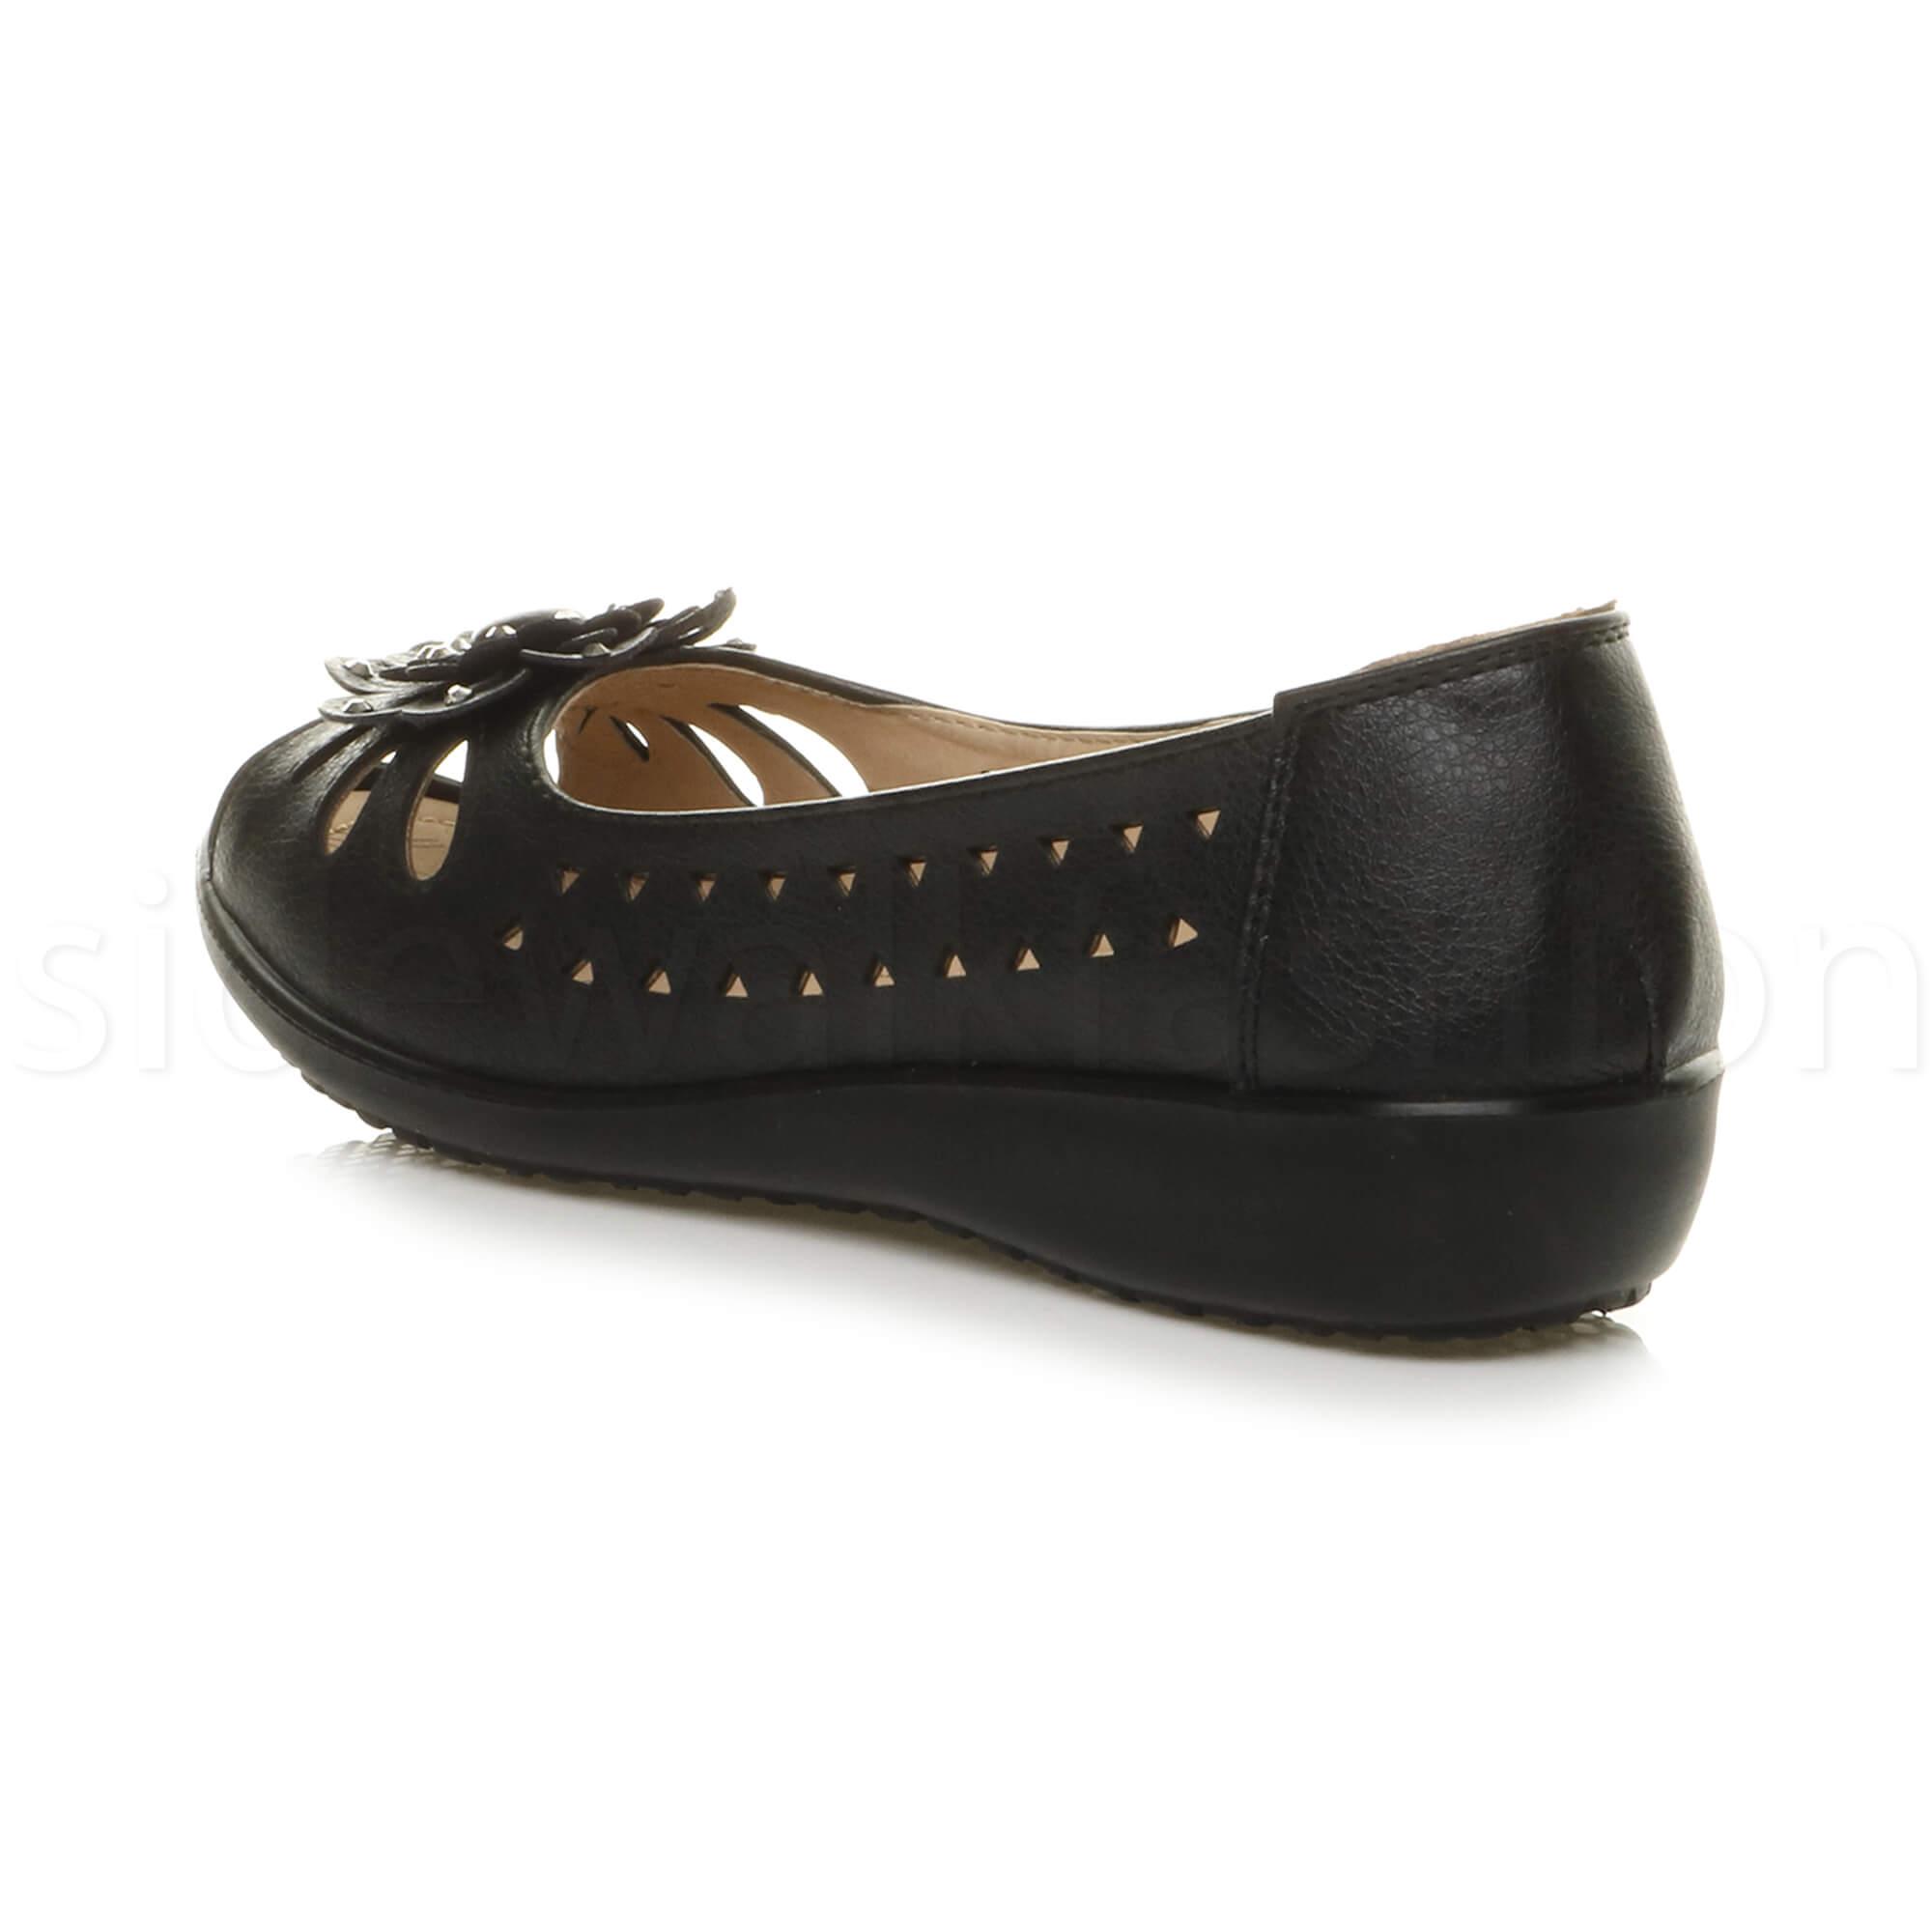 Womens Ladies Low Wedge Heel Cut Out Peep Toe Comfort